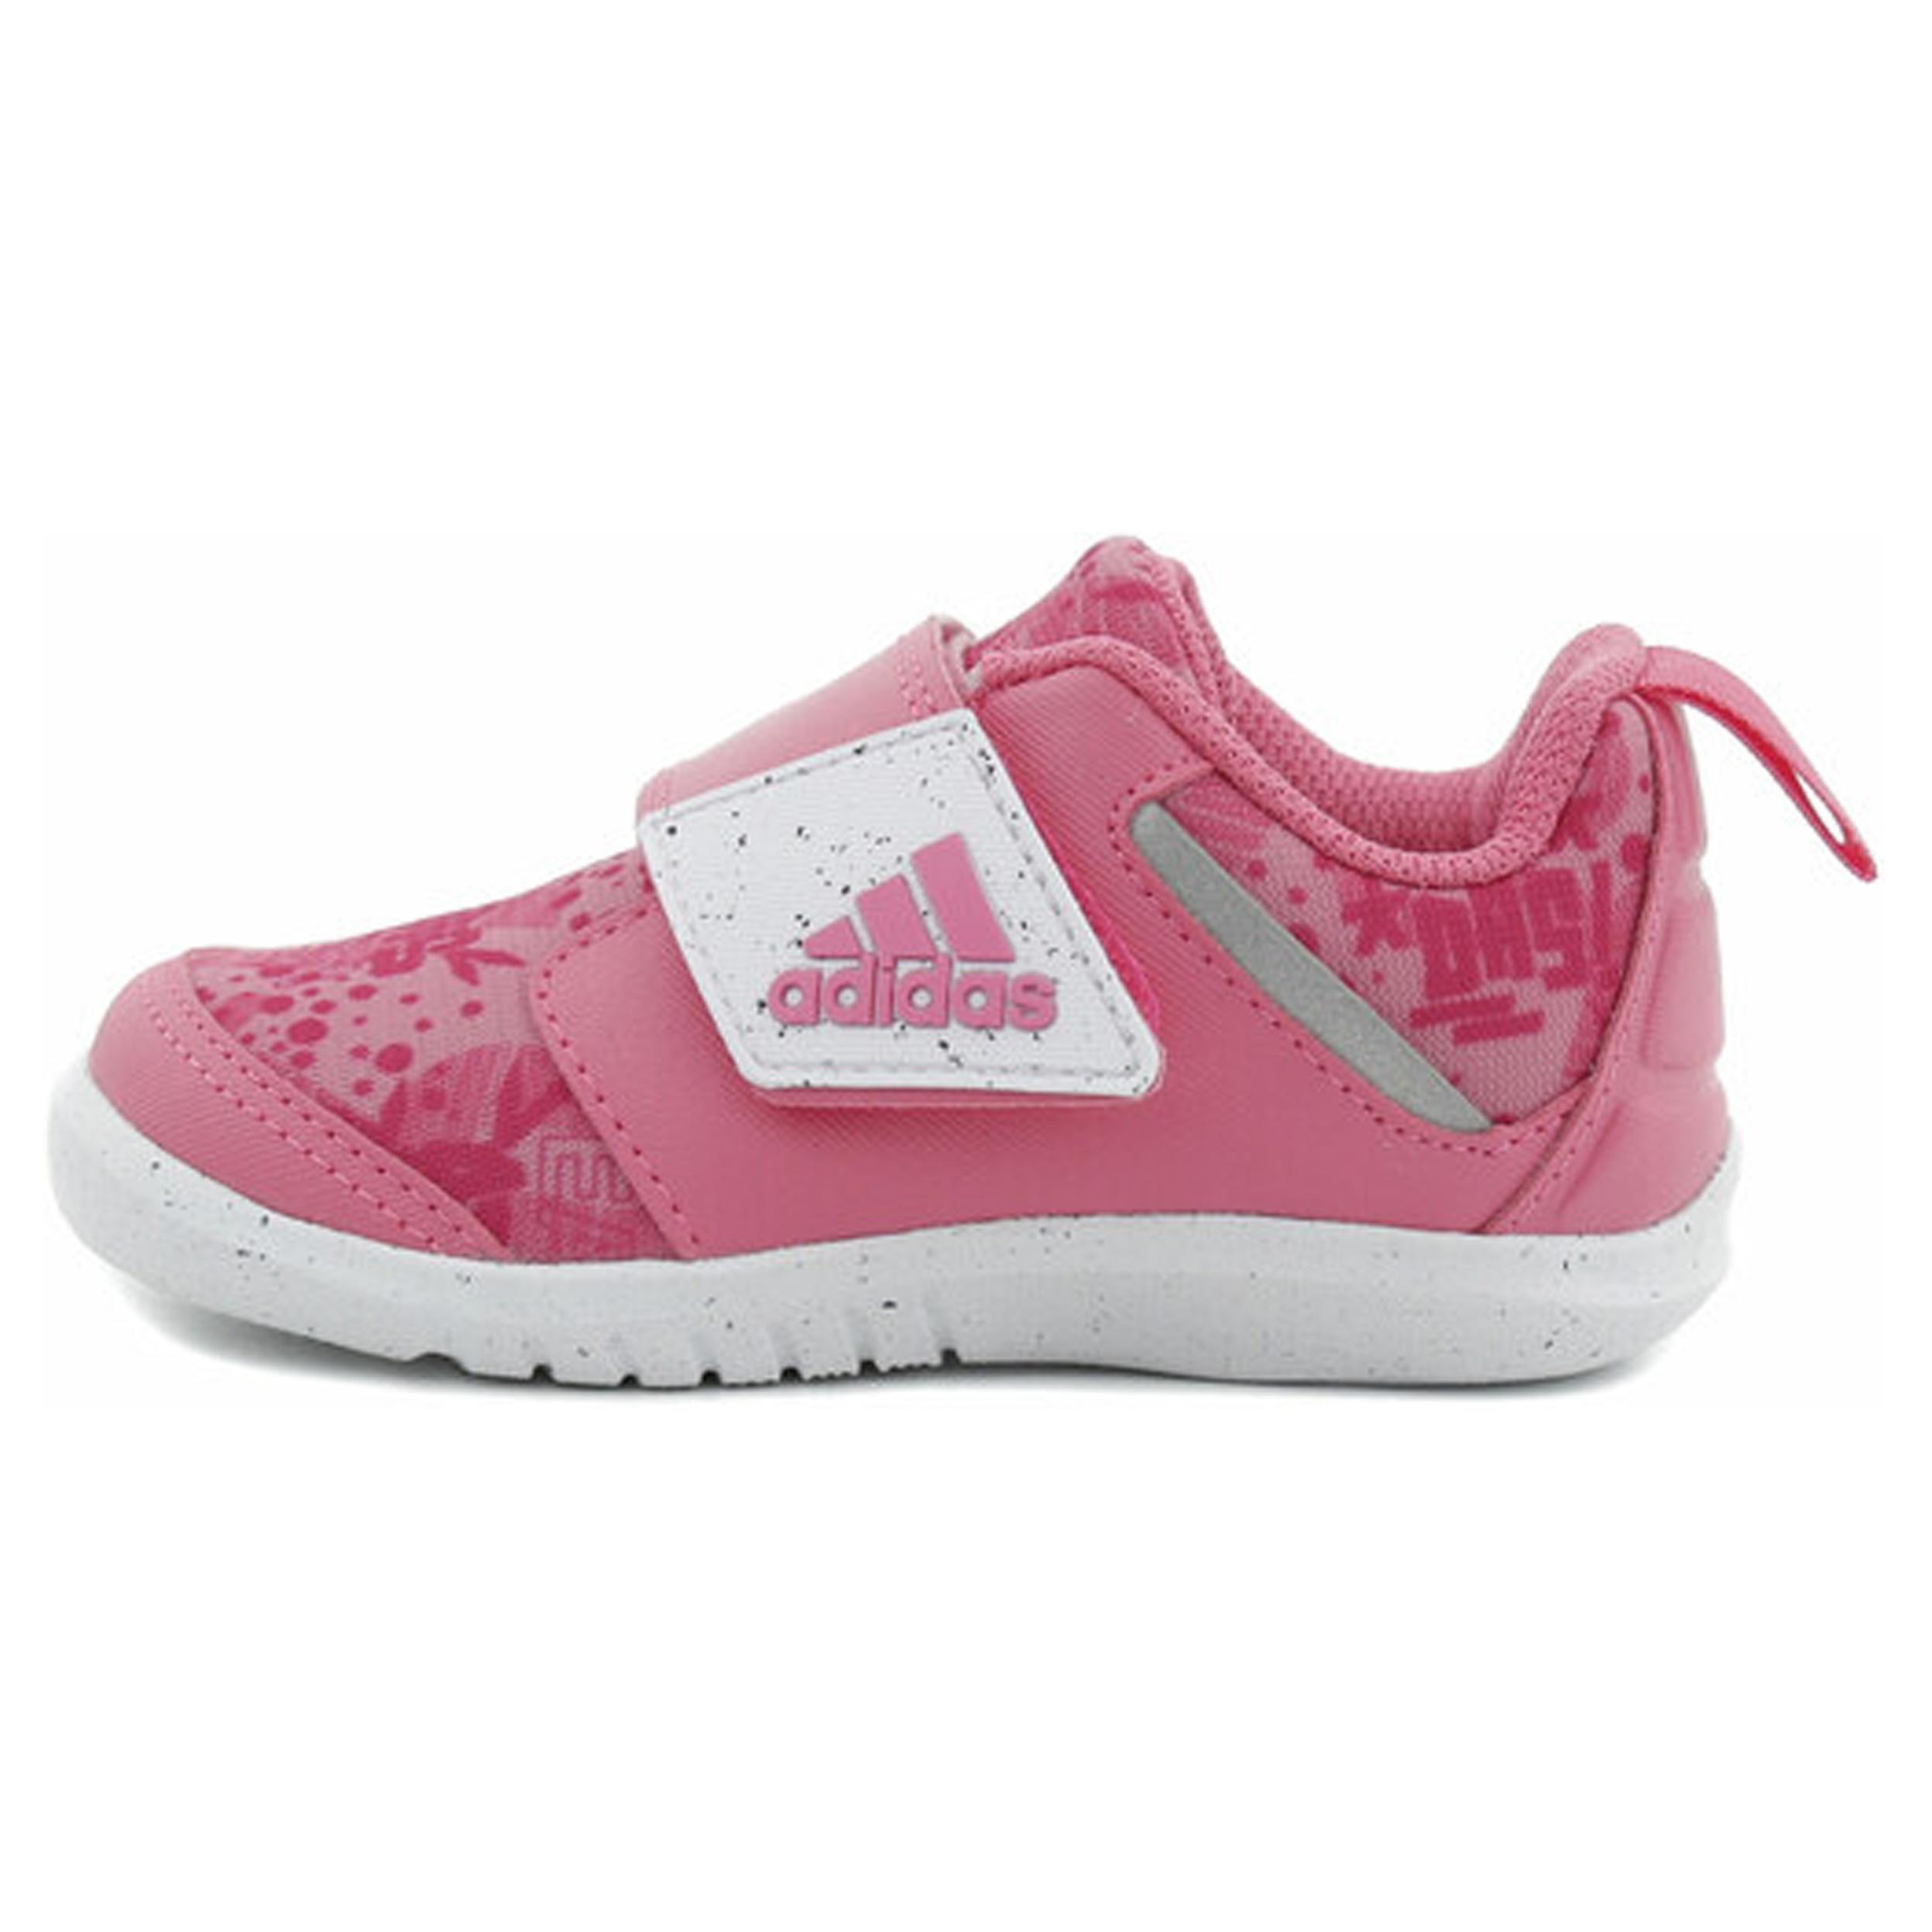 کفش تمرین چسبی دخترانه FortaPlay - آدیداس